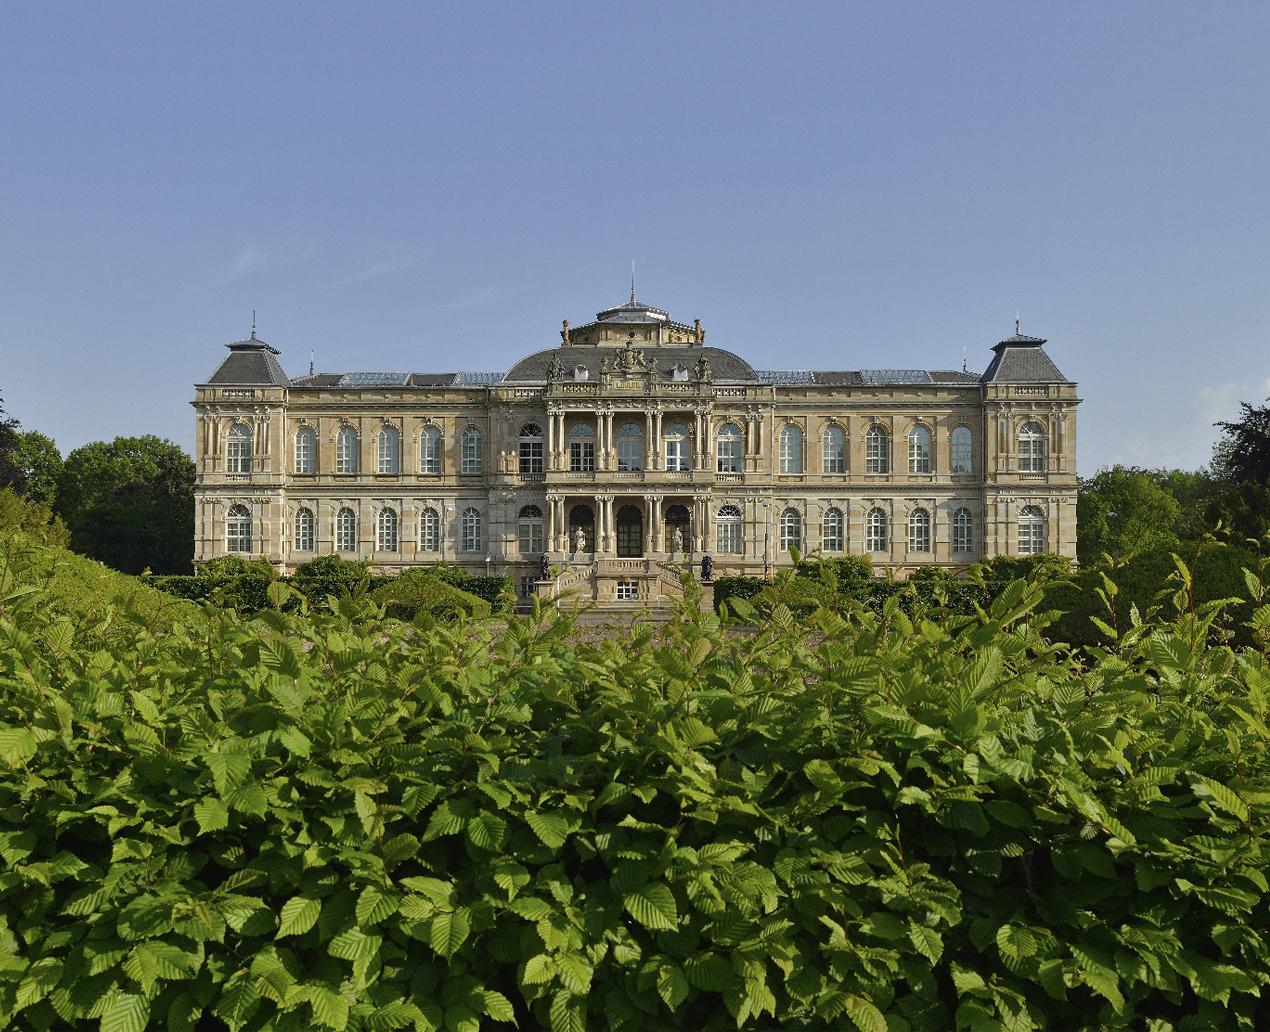 Gotha Führung durch das Herzogliche Museum ©Stiftung Schloss Friedenstein Gotha